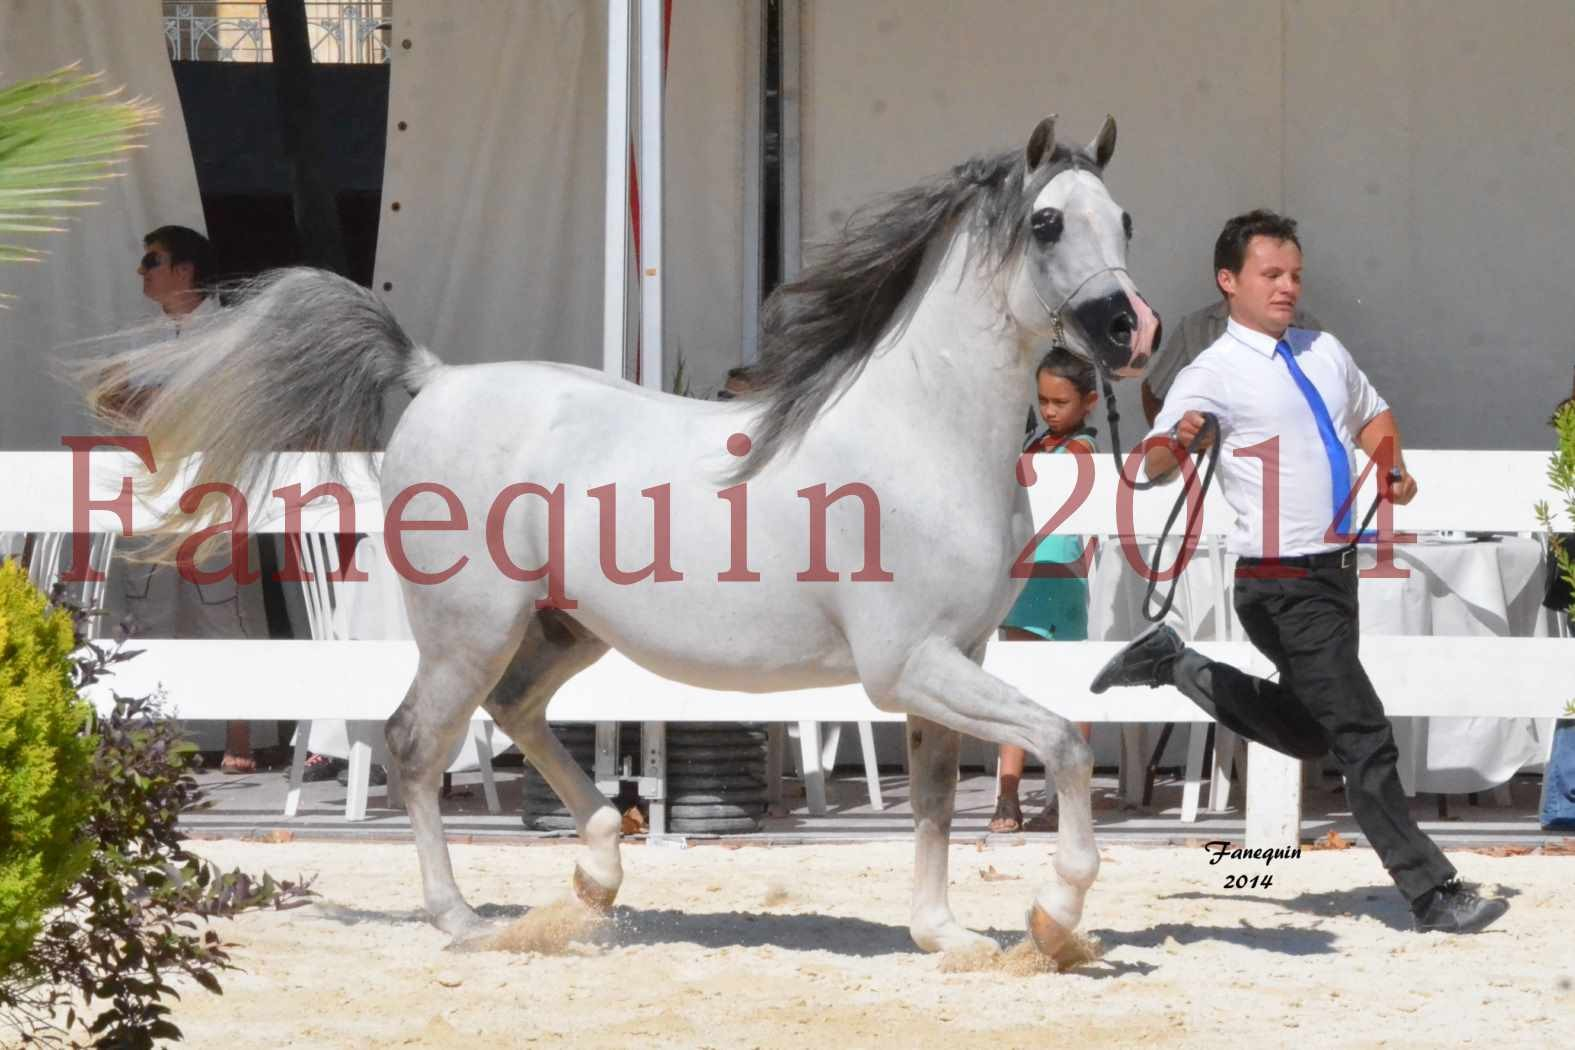 Concours National de Nîmes de chevaux ARABES 2014 - Notre Sélection - SHAOLIN DE NEDJAIA - 03